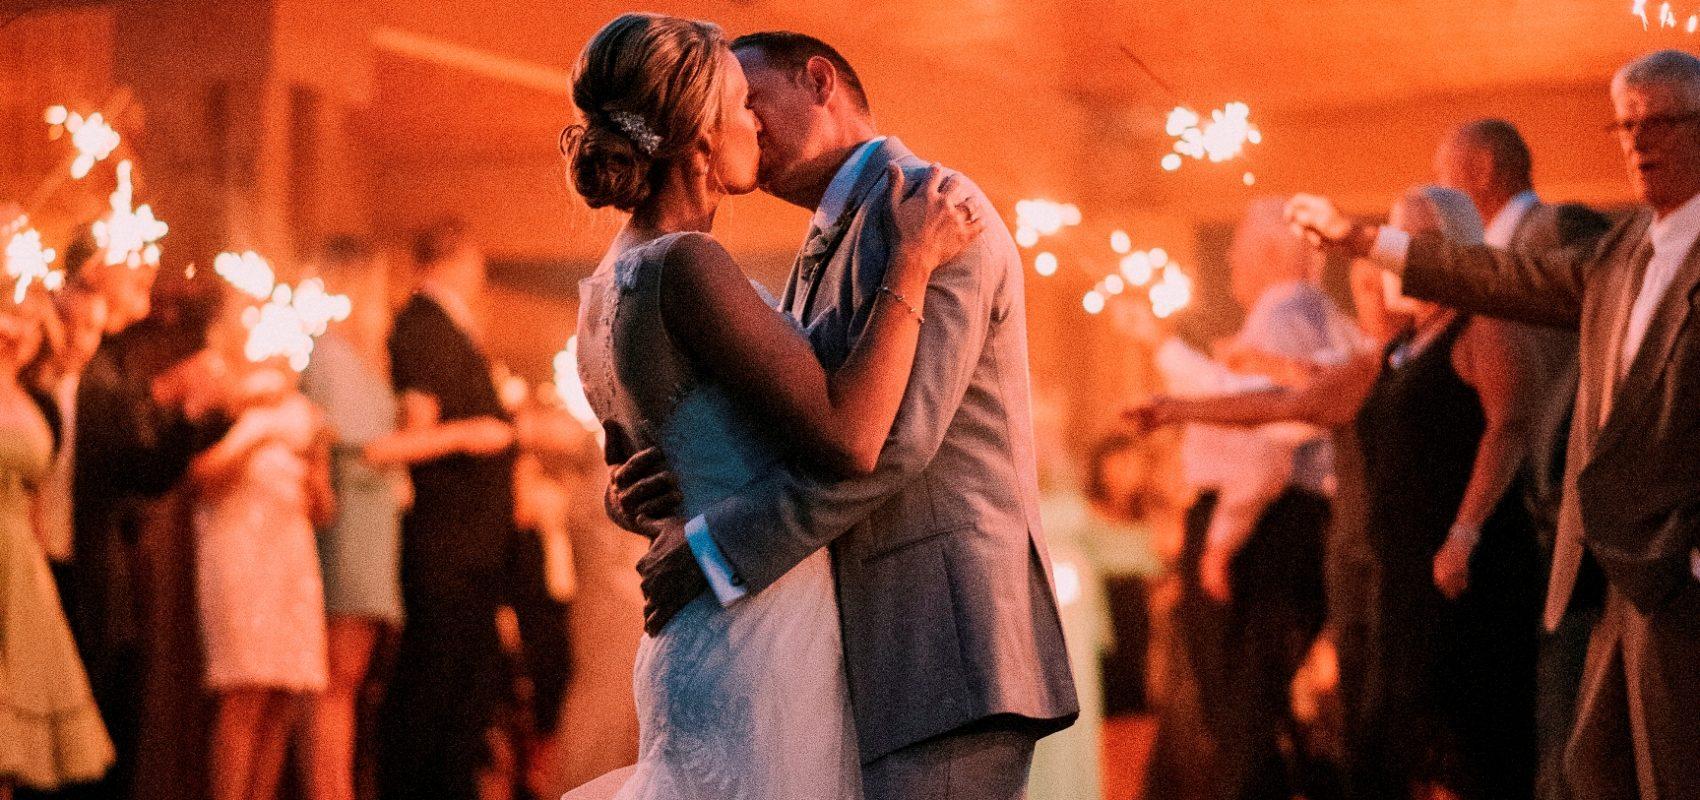 wedding venue Oakland county